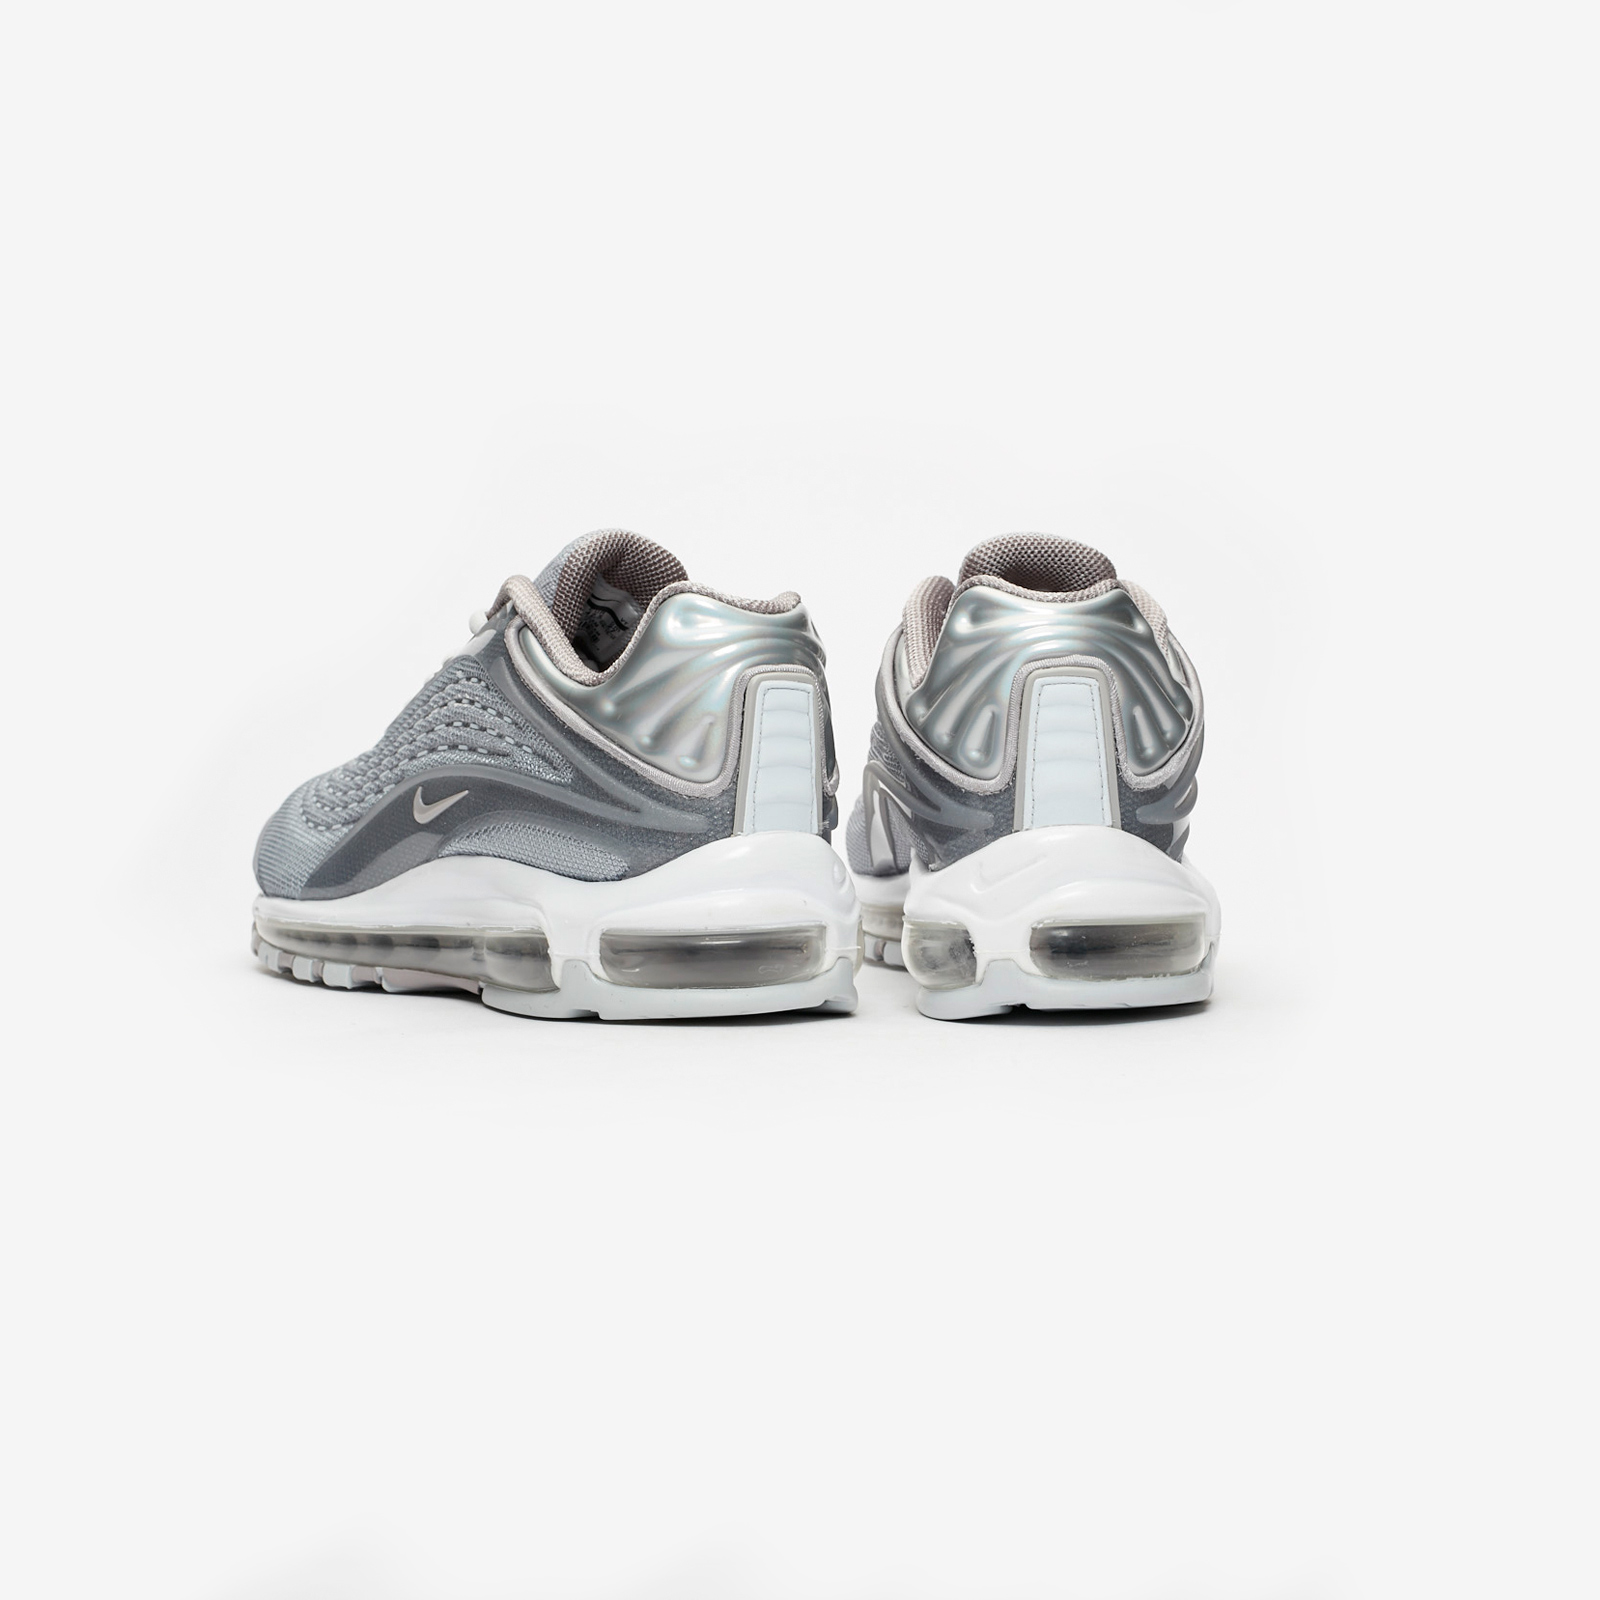 Nike Air Max Deluxe Av7024 001 Sneakersnstuff   sneakers